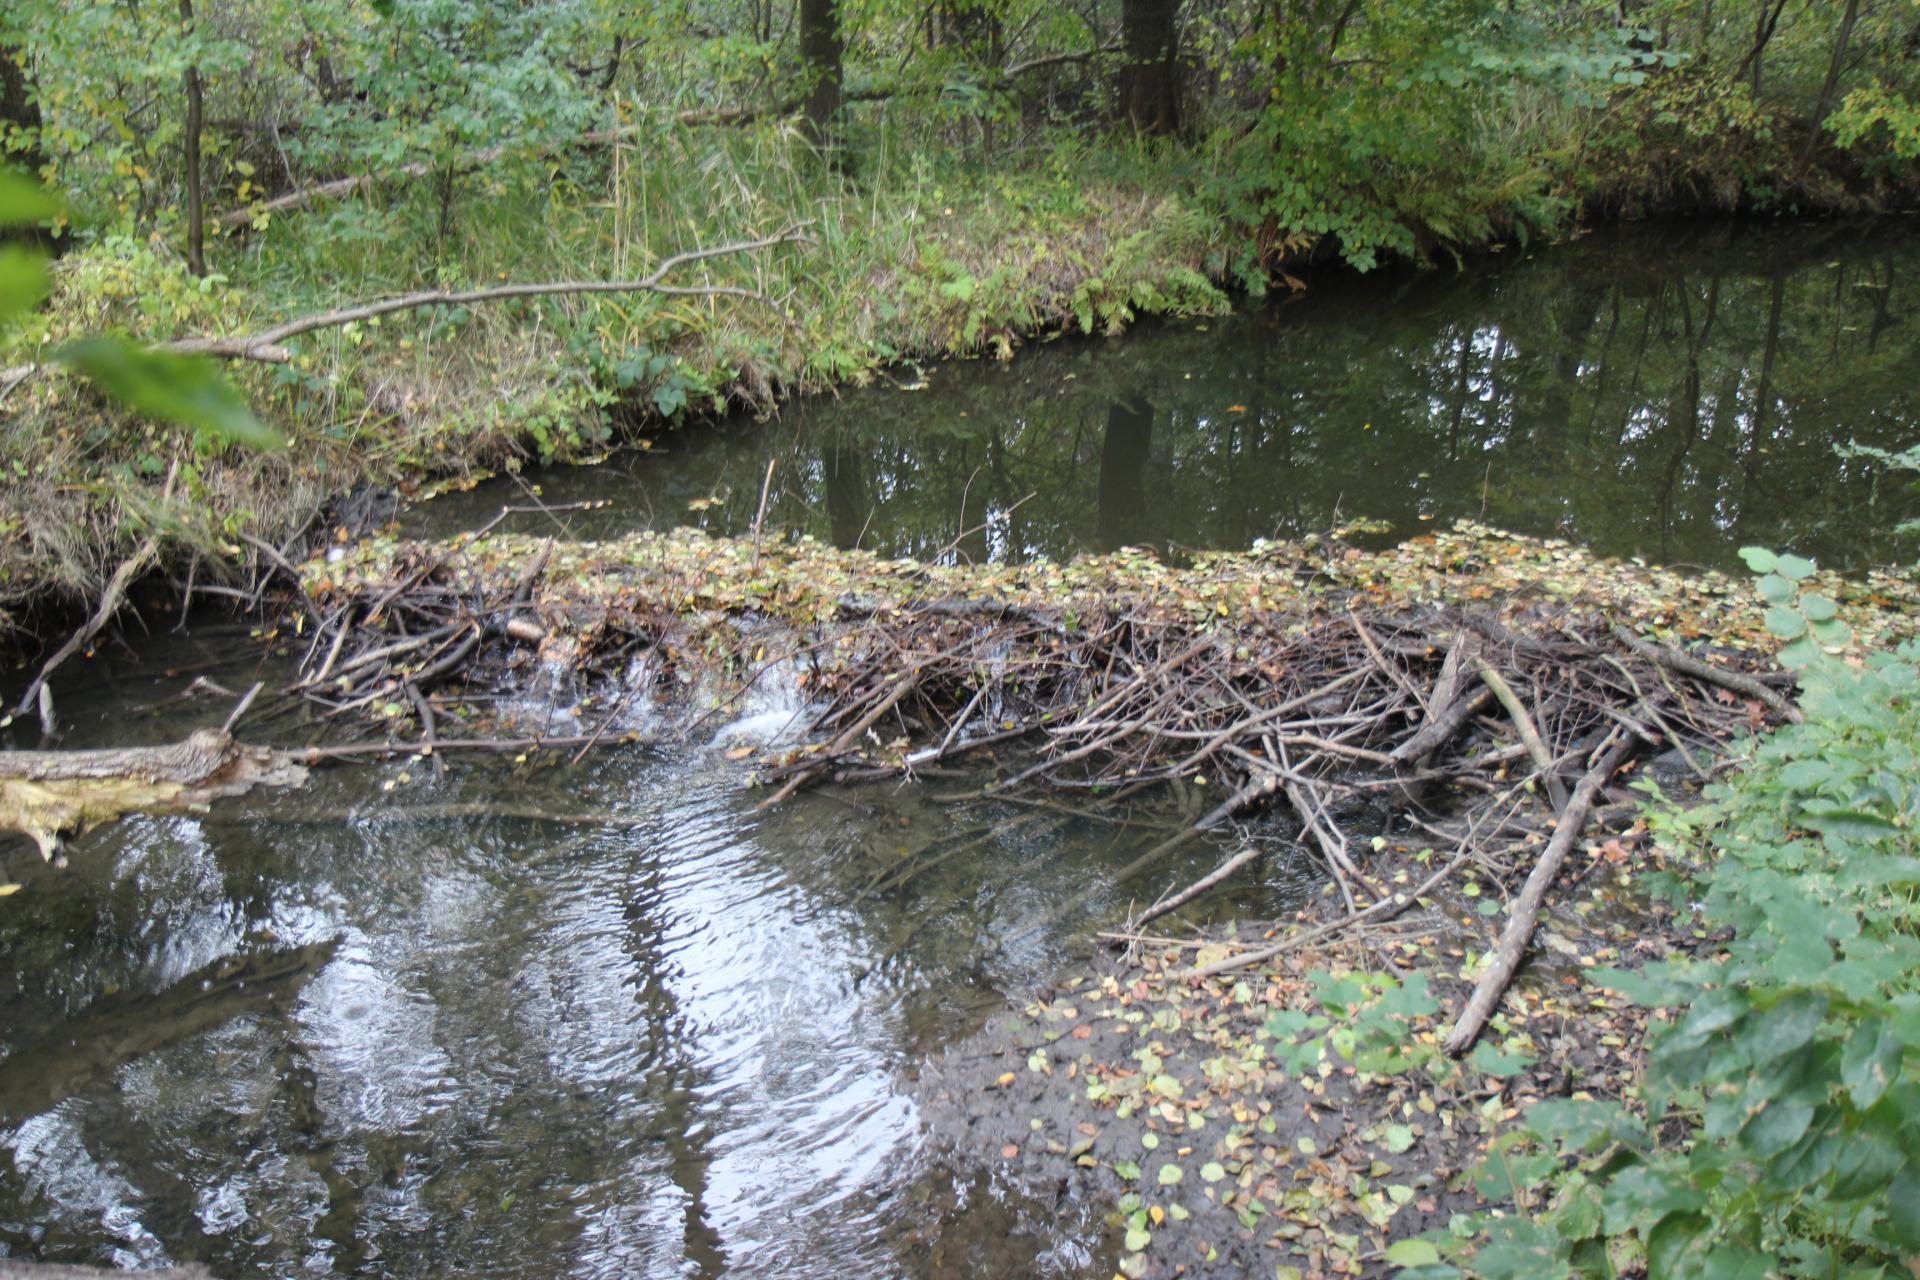 Biber als Wasserbaumeister haben in der Pulsnitz im Dürrejahr 2020 einen Damm angelegt um das knappe Wasser anzustauen